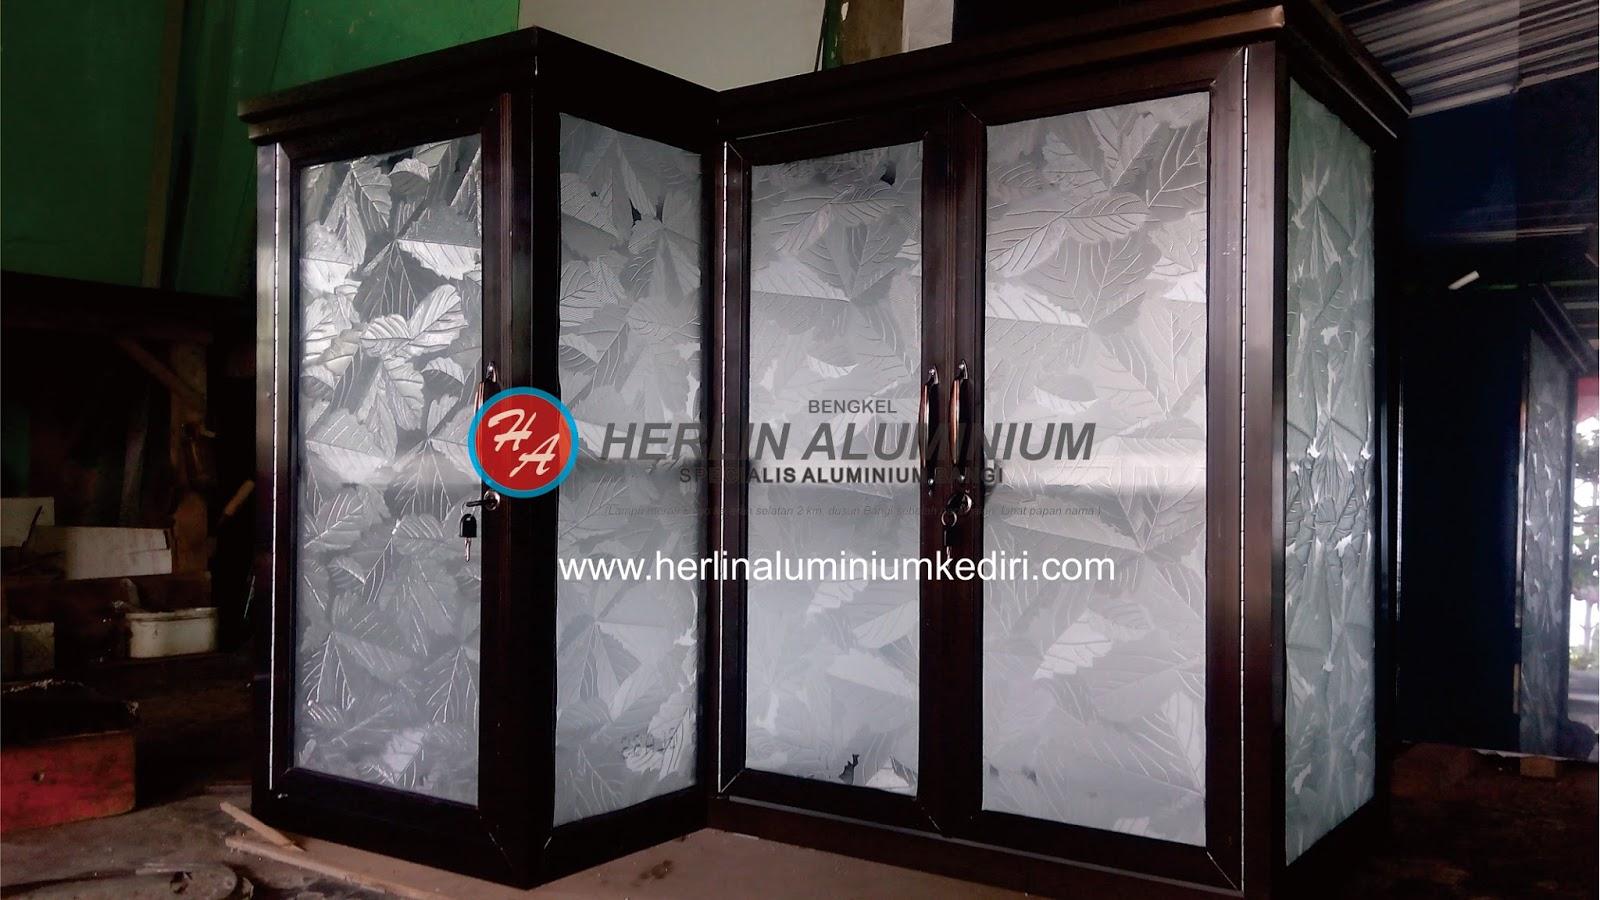 Bengkel aluminium pembuatan kitchen set di daerah kediri for Dapur set aluminium